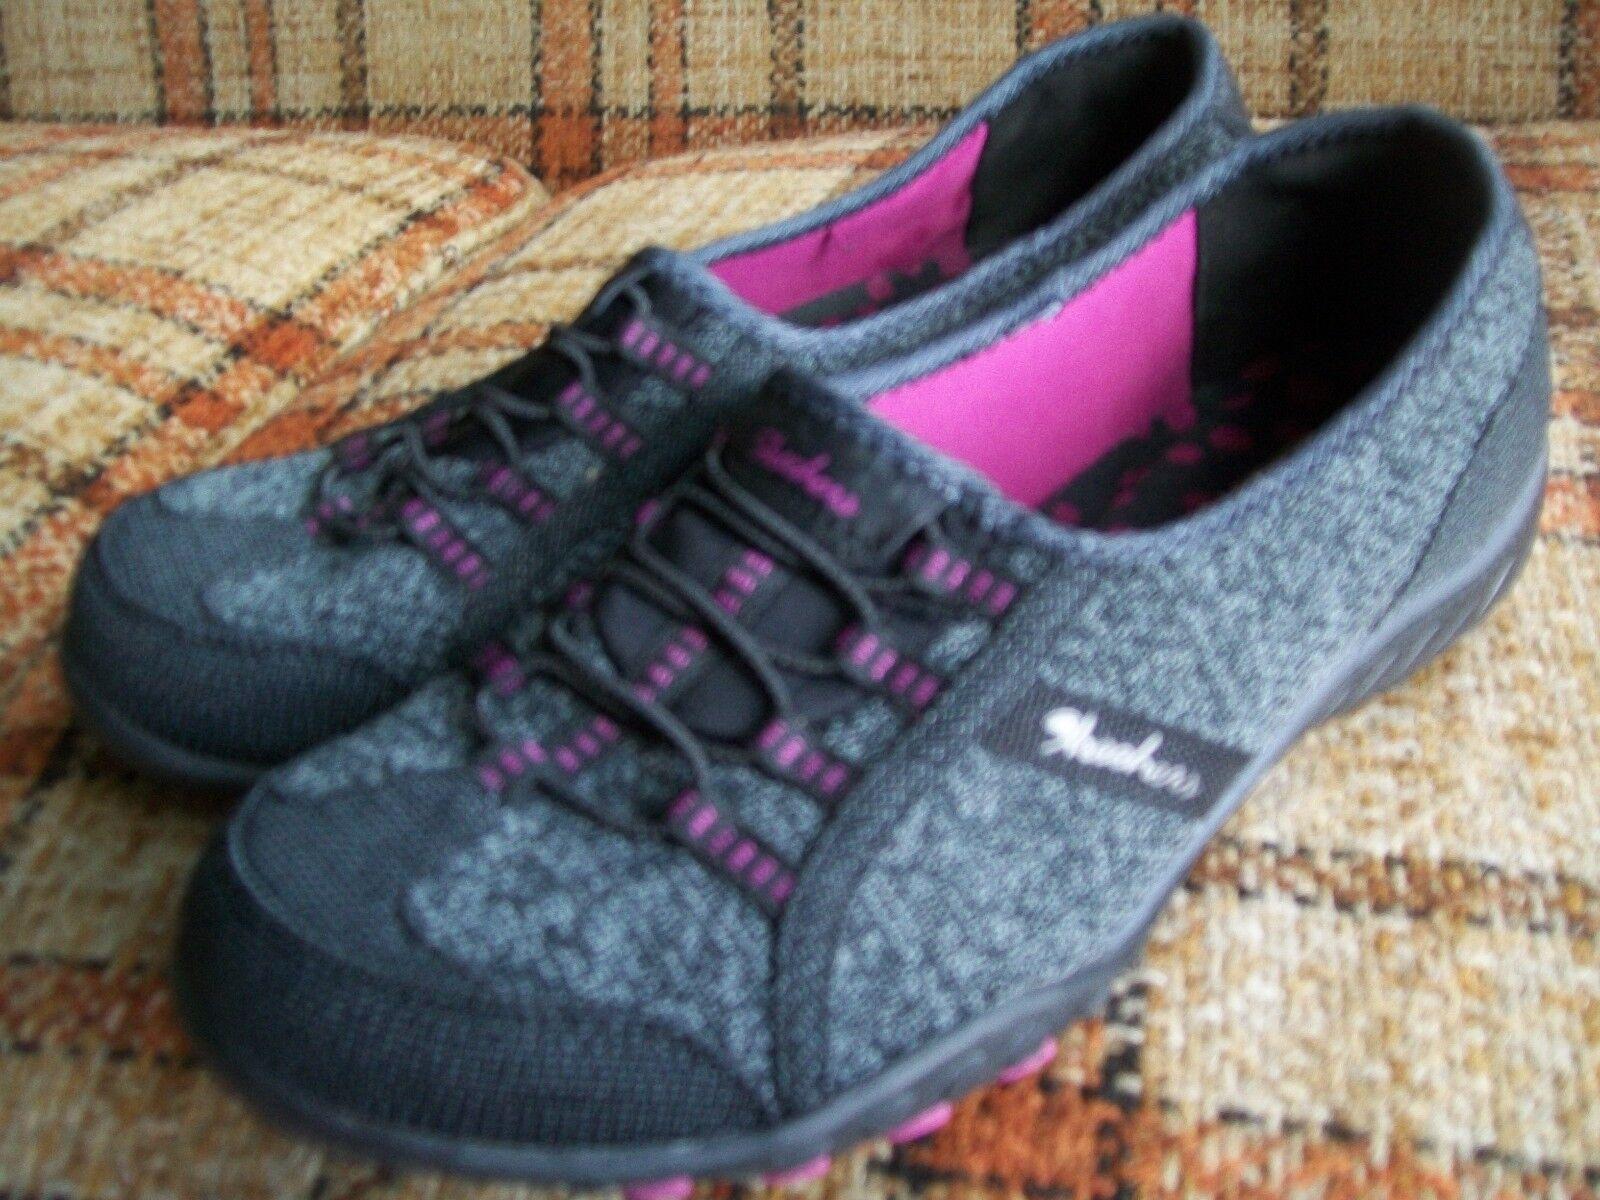 Skechers Womens Size 8.5 () Relaxed Fit Mem Foam SN 23010 BKPK